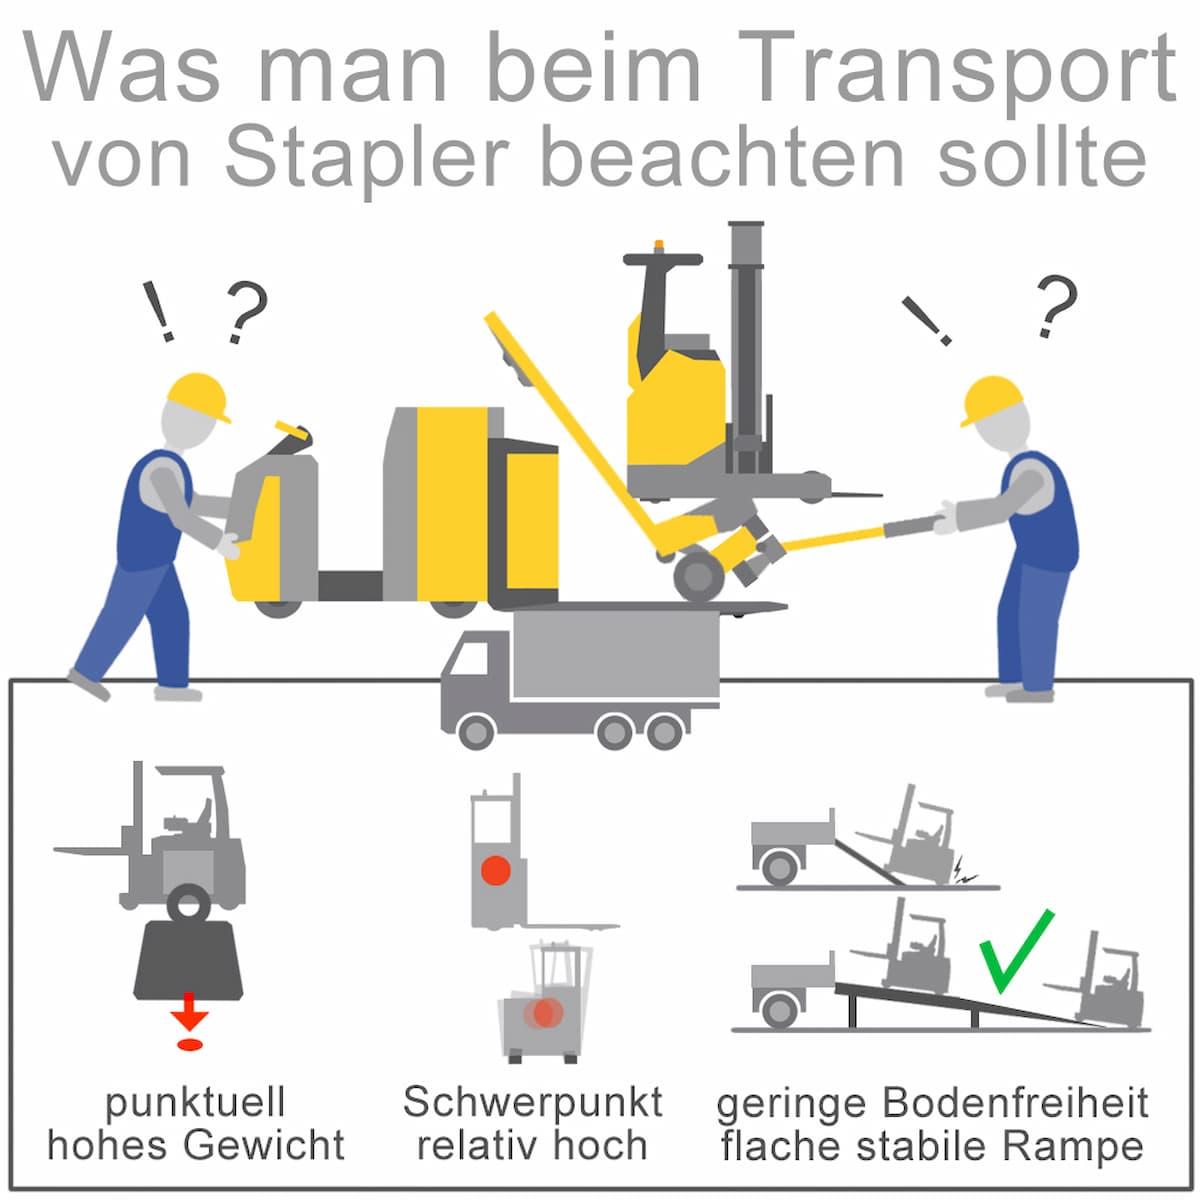 Was man beim Transport von Staplern beachten sollte